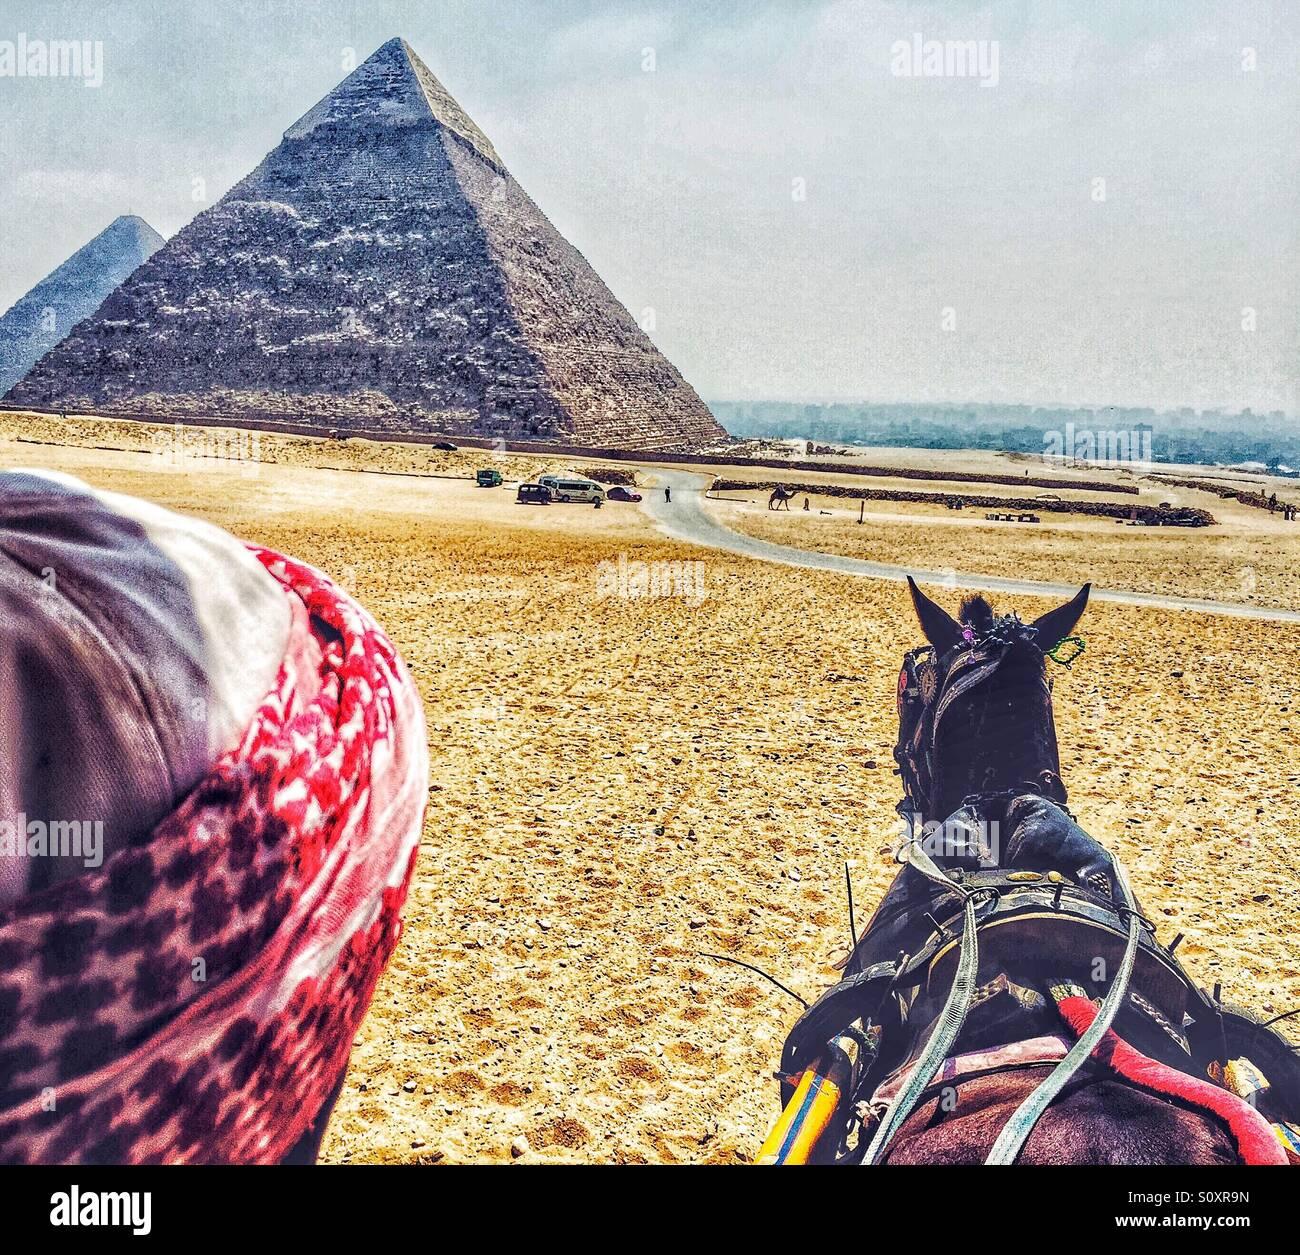 L'Uomo aziona un carrello presso le Grandi Piramidi d'Egitto Immagini Stock